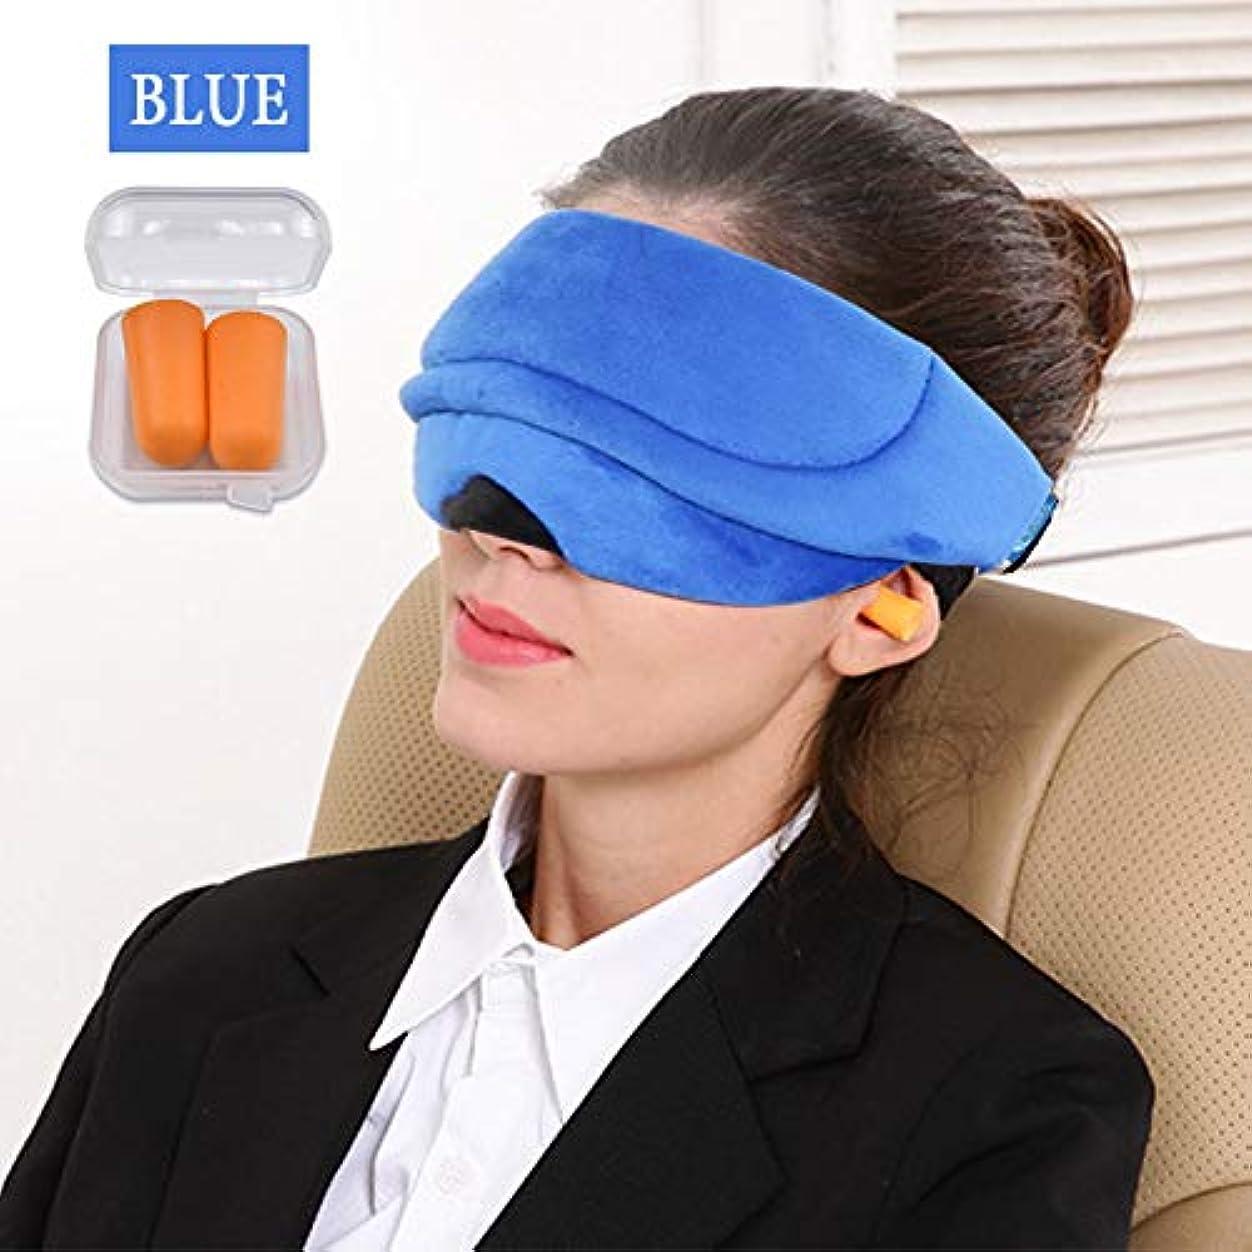 旅行者代表寛大なNOTE 3dナチュラルスリーピングアイマスク睡眠休息補助アイシェードソフト通気性アイパッチ包帯用夜間睡眠屋外旅行目隠し